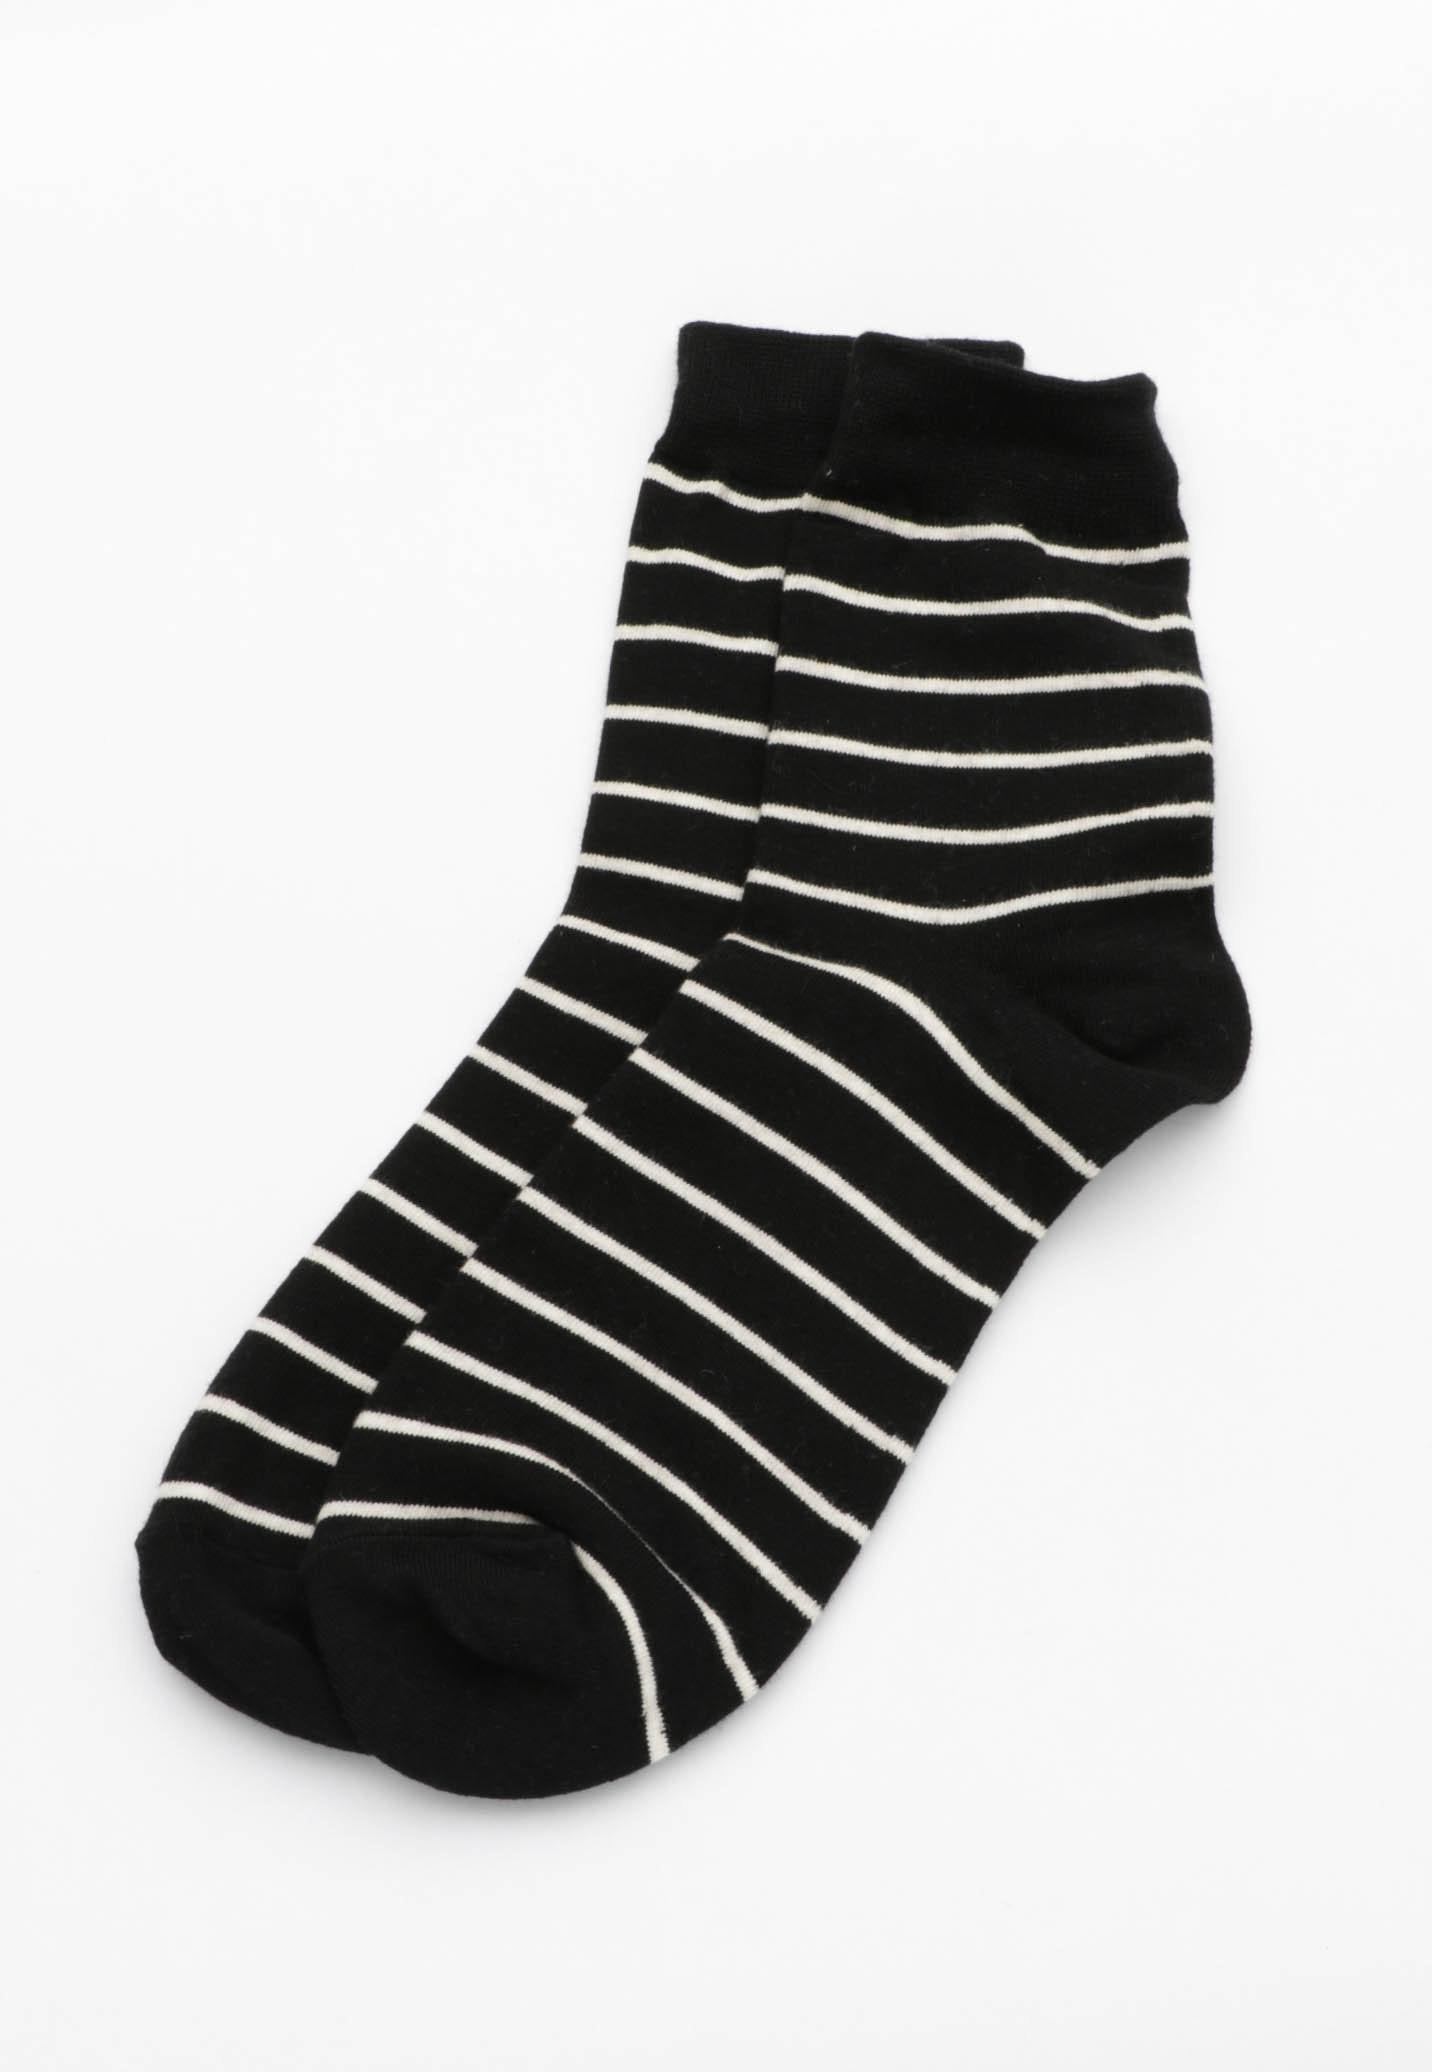 Stripe Socks - Black